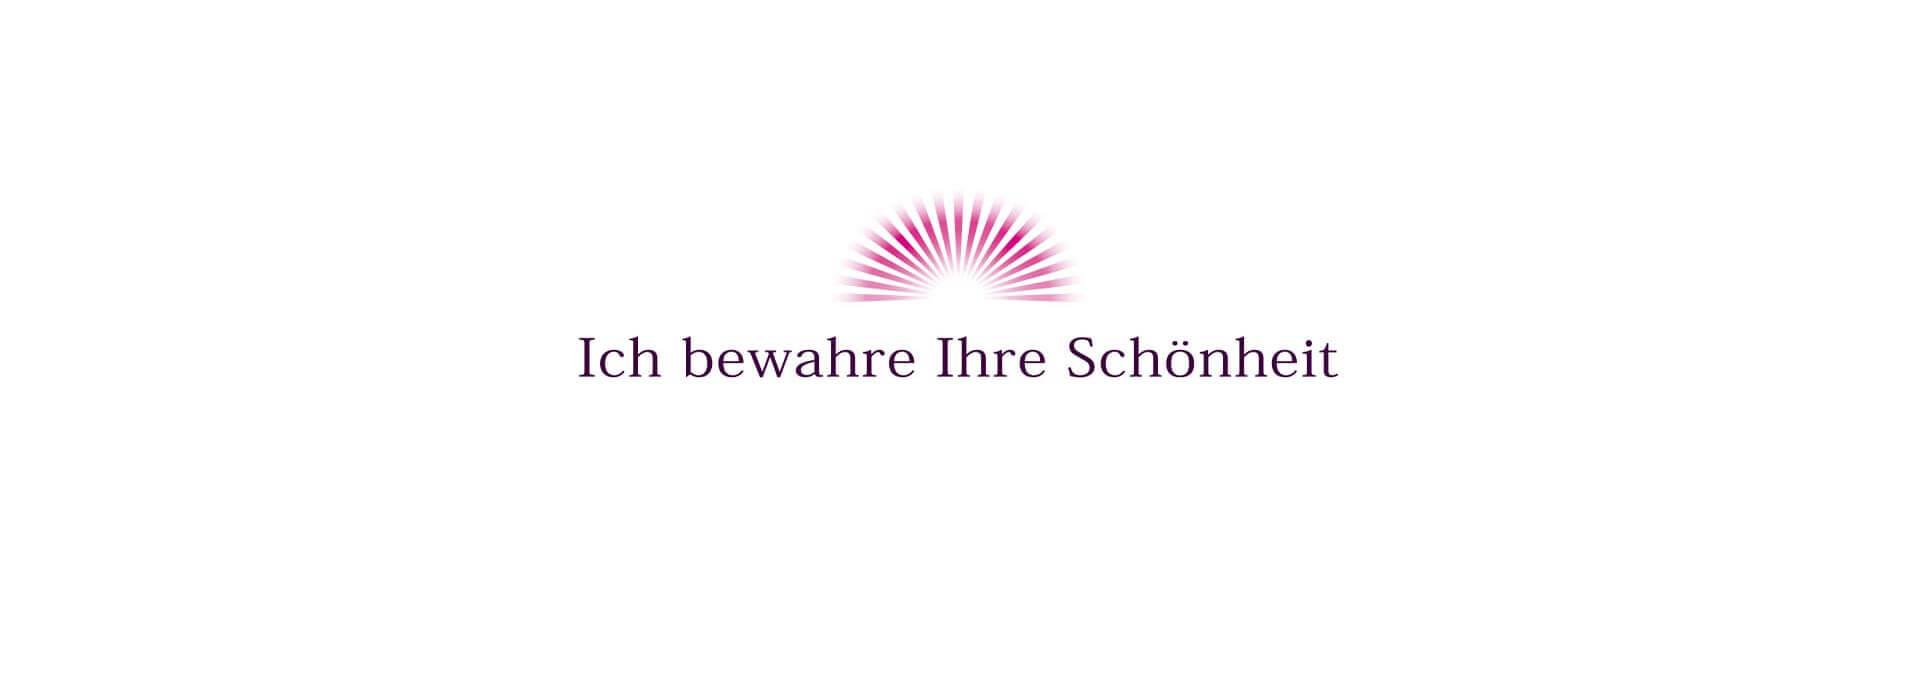 faltenbehandlung-nuernberg-aesthetik-atelier-doerschner-slogan